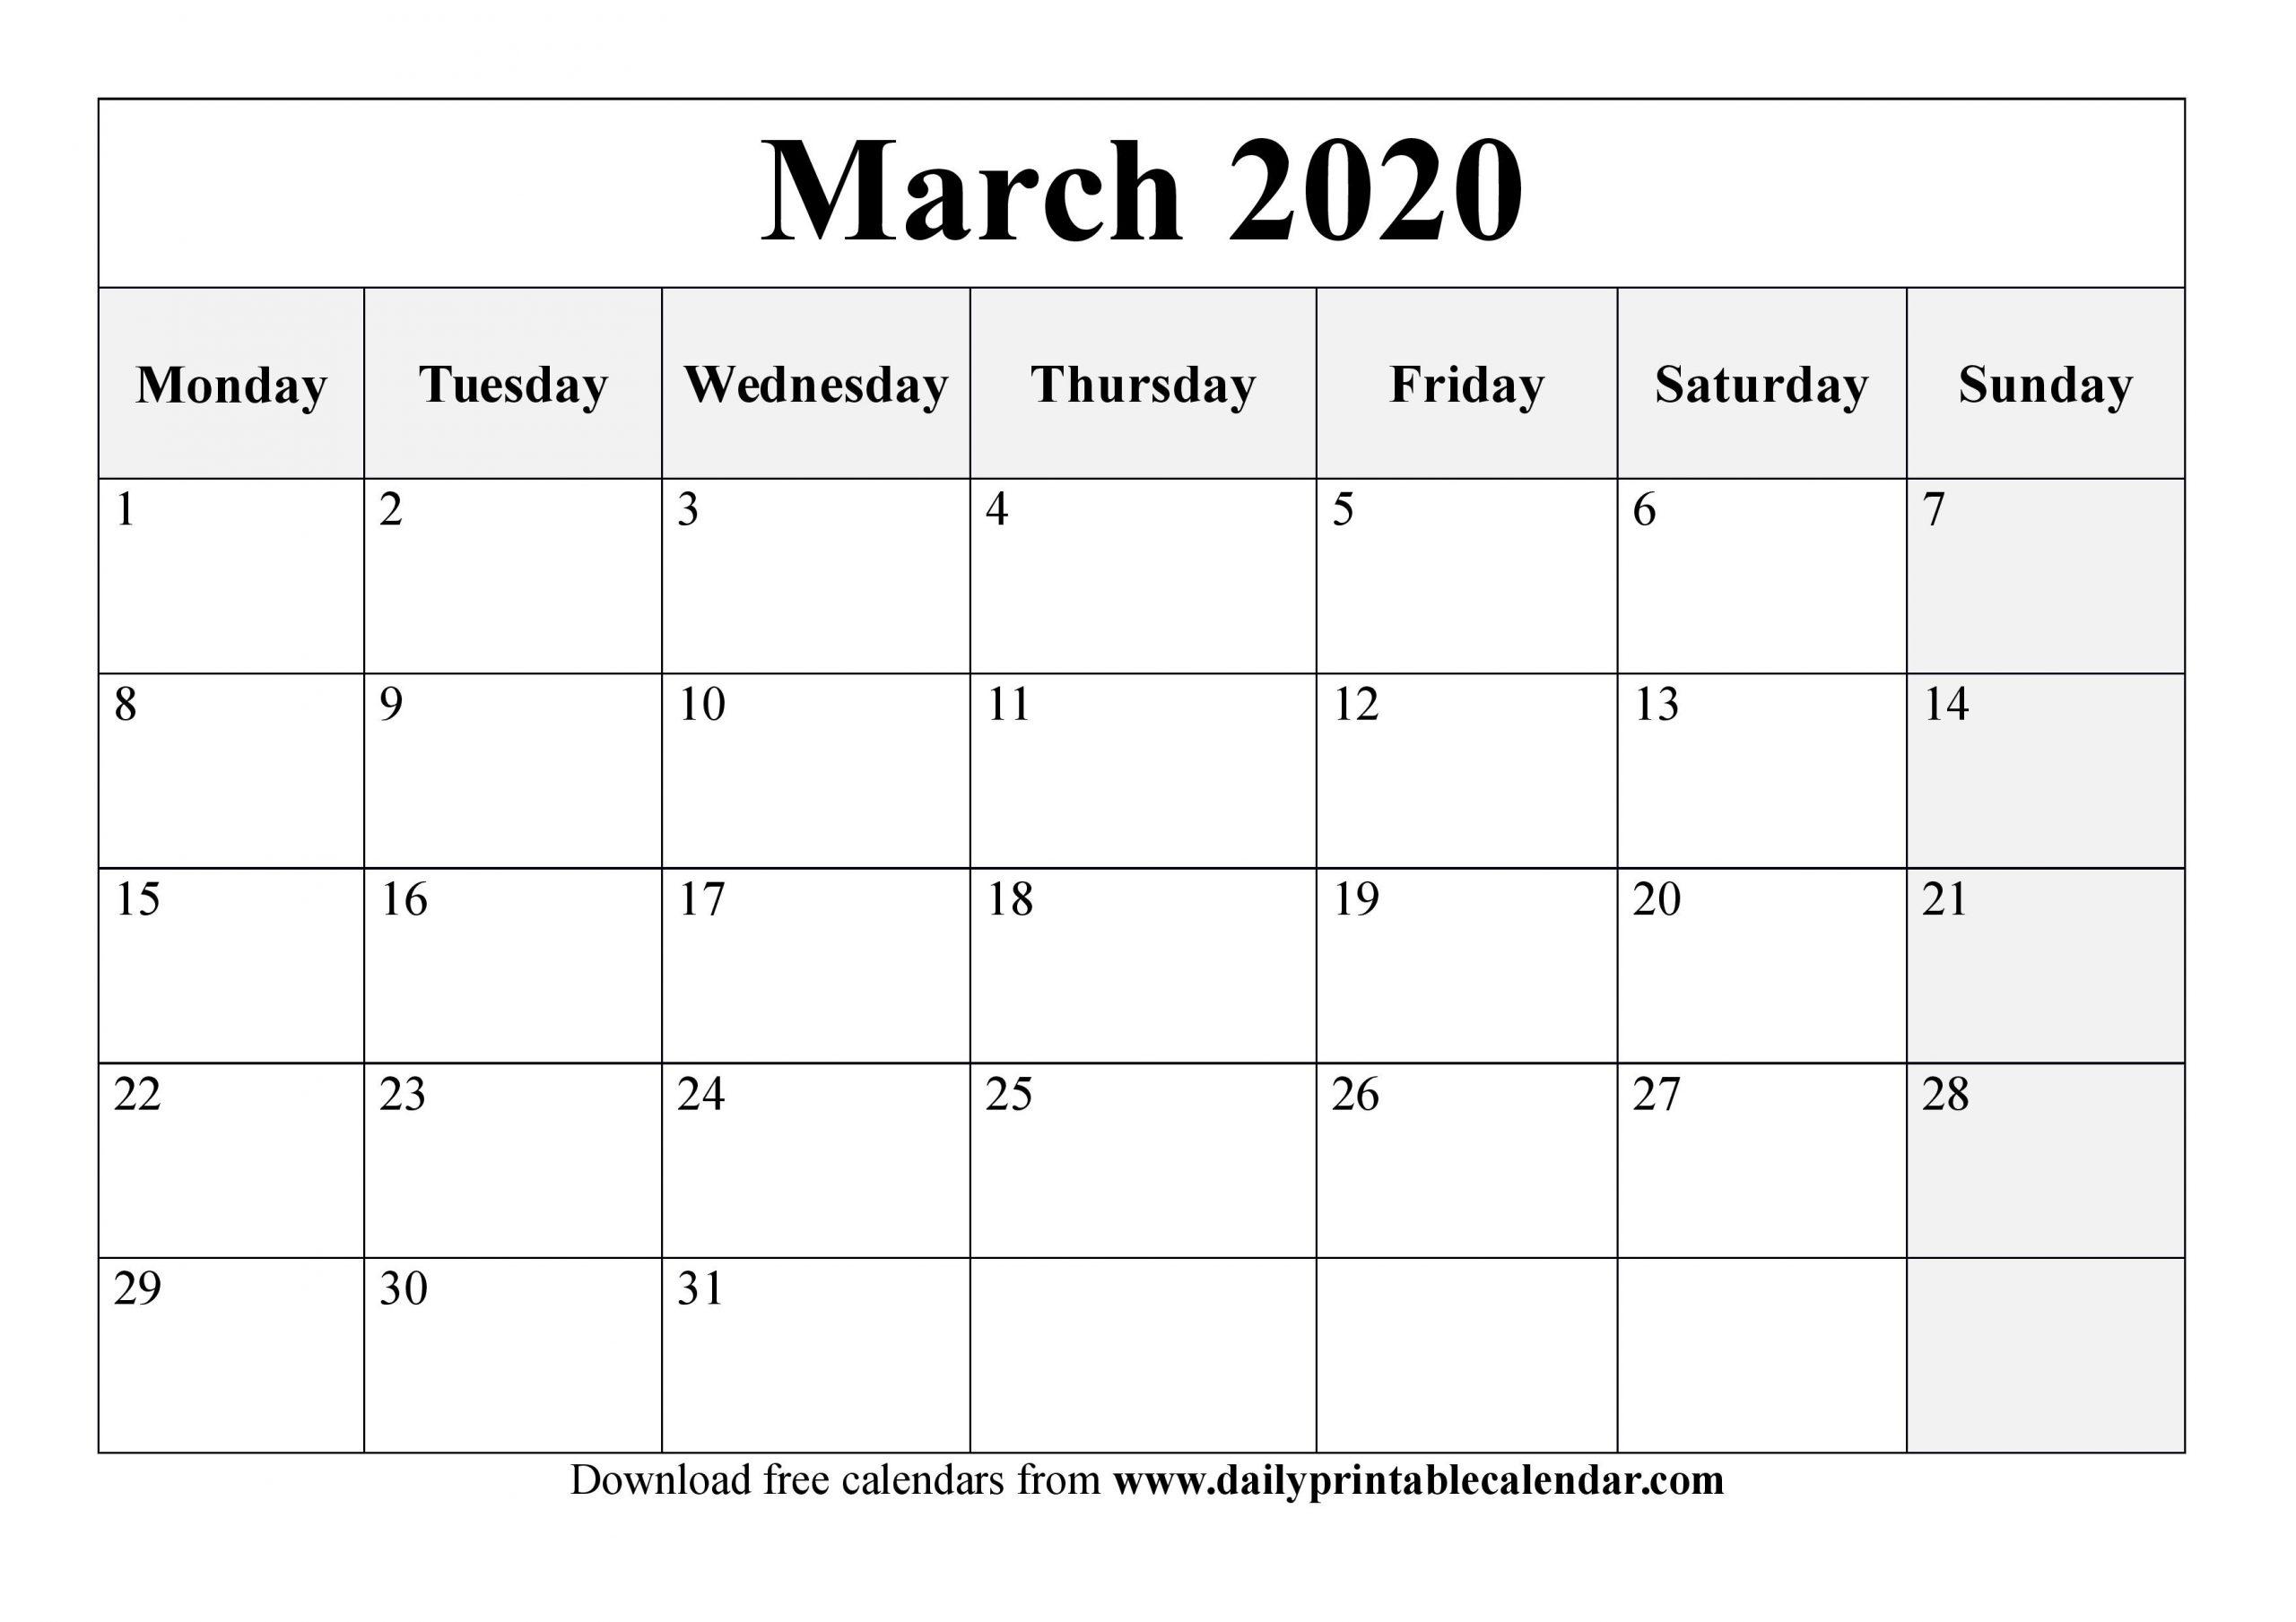 March 2020 Calendar Printable - Blank Templates - 2020 Calendar